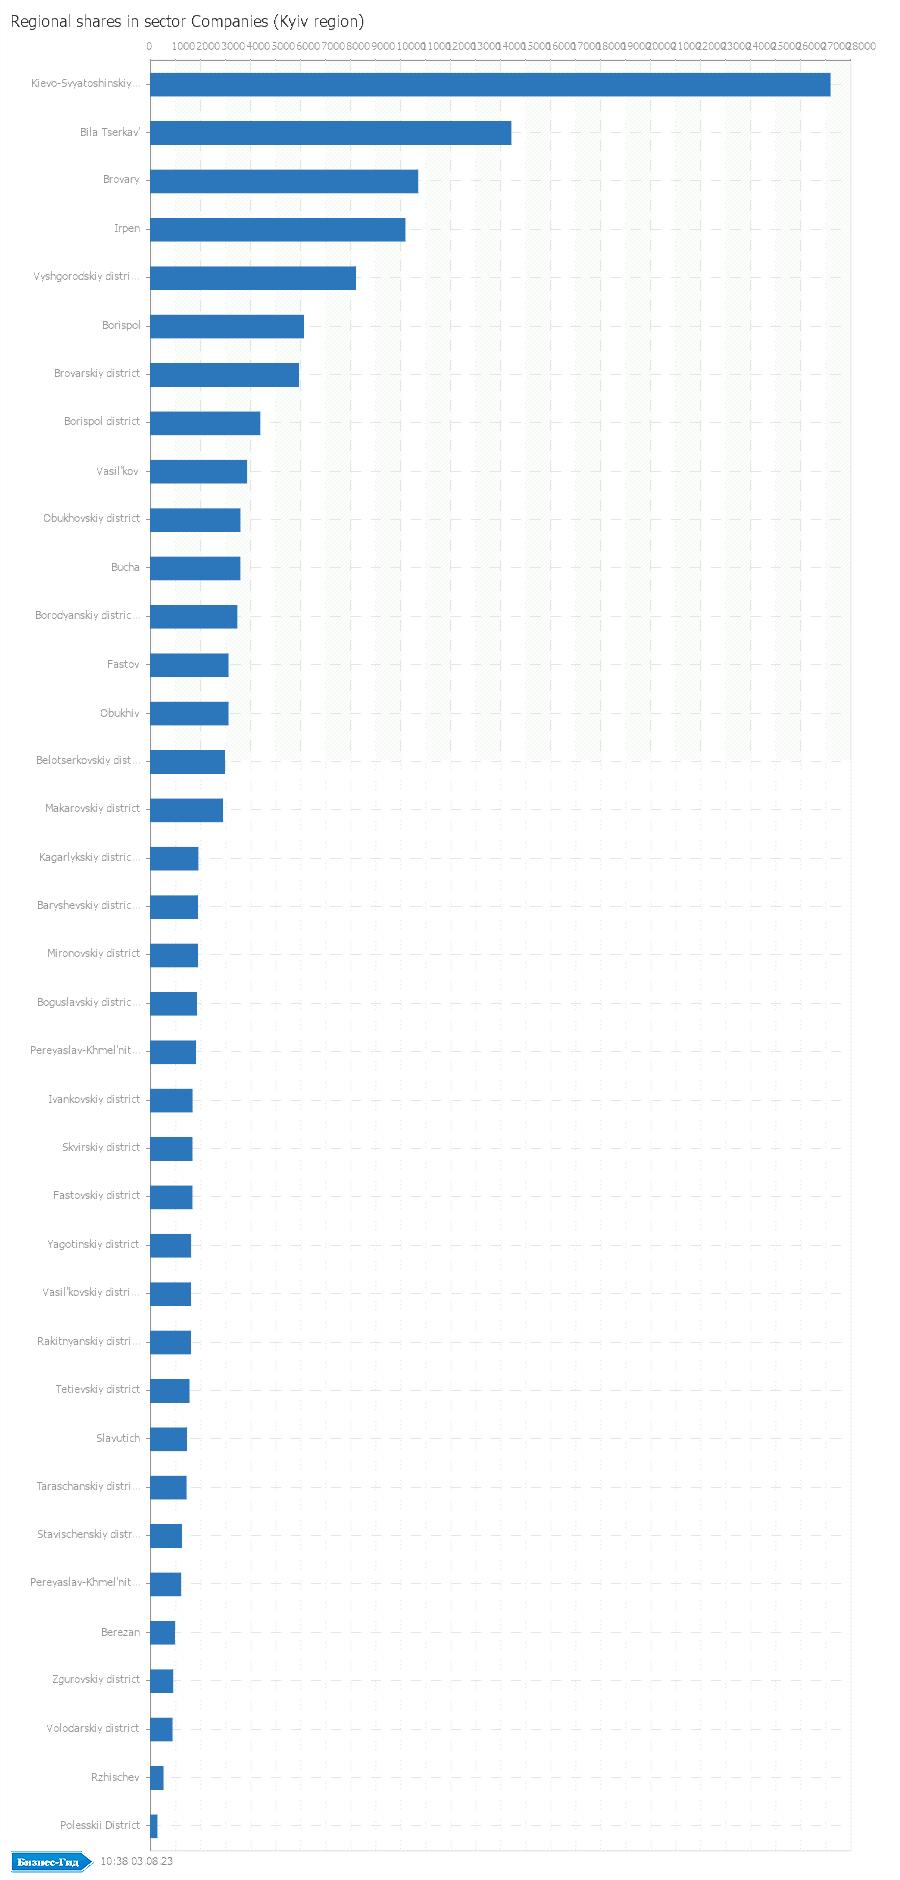 Регіональне розподілення у галузі: Companies (Kyiv region)